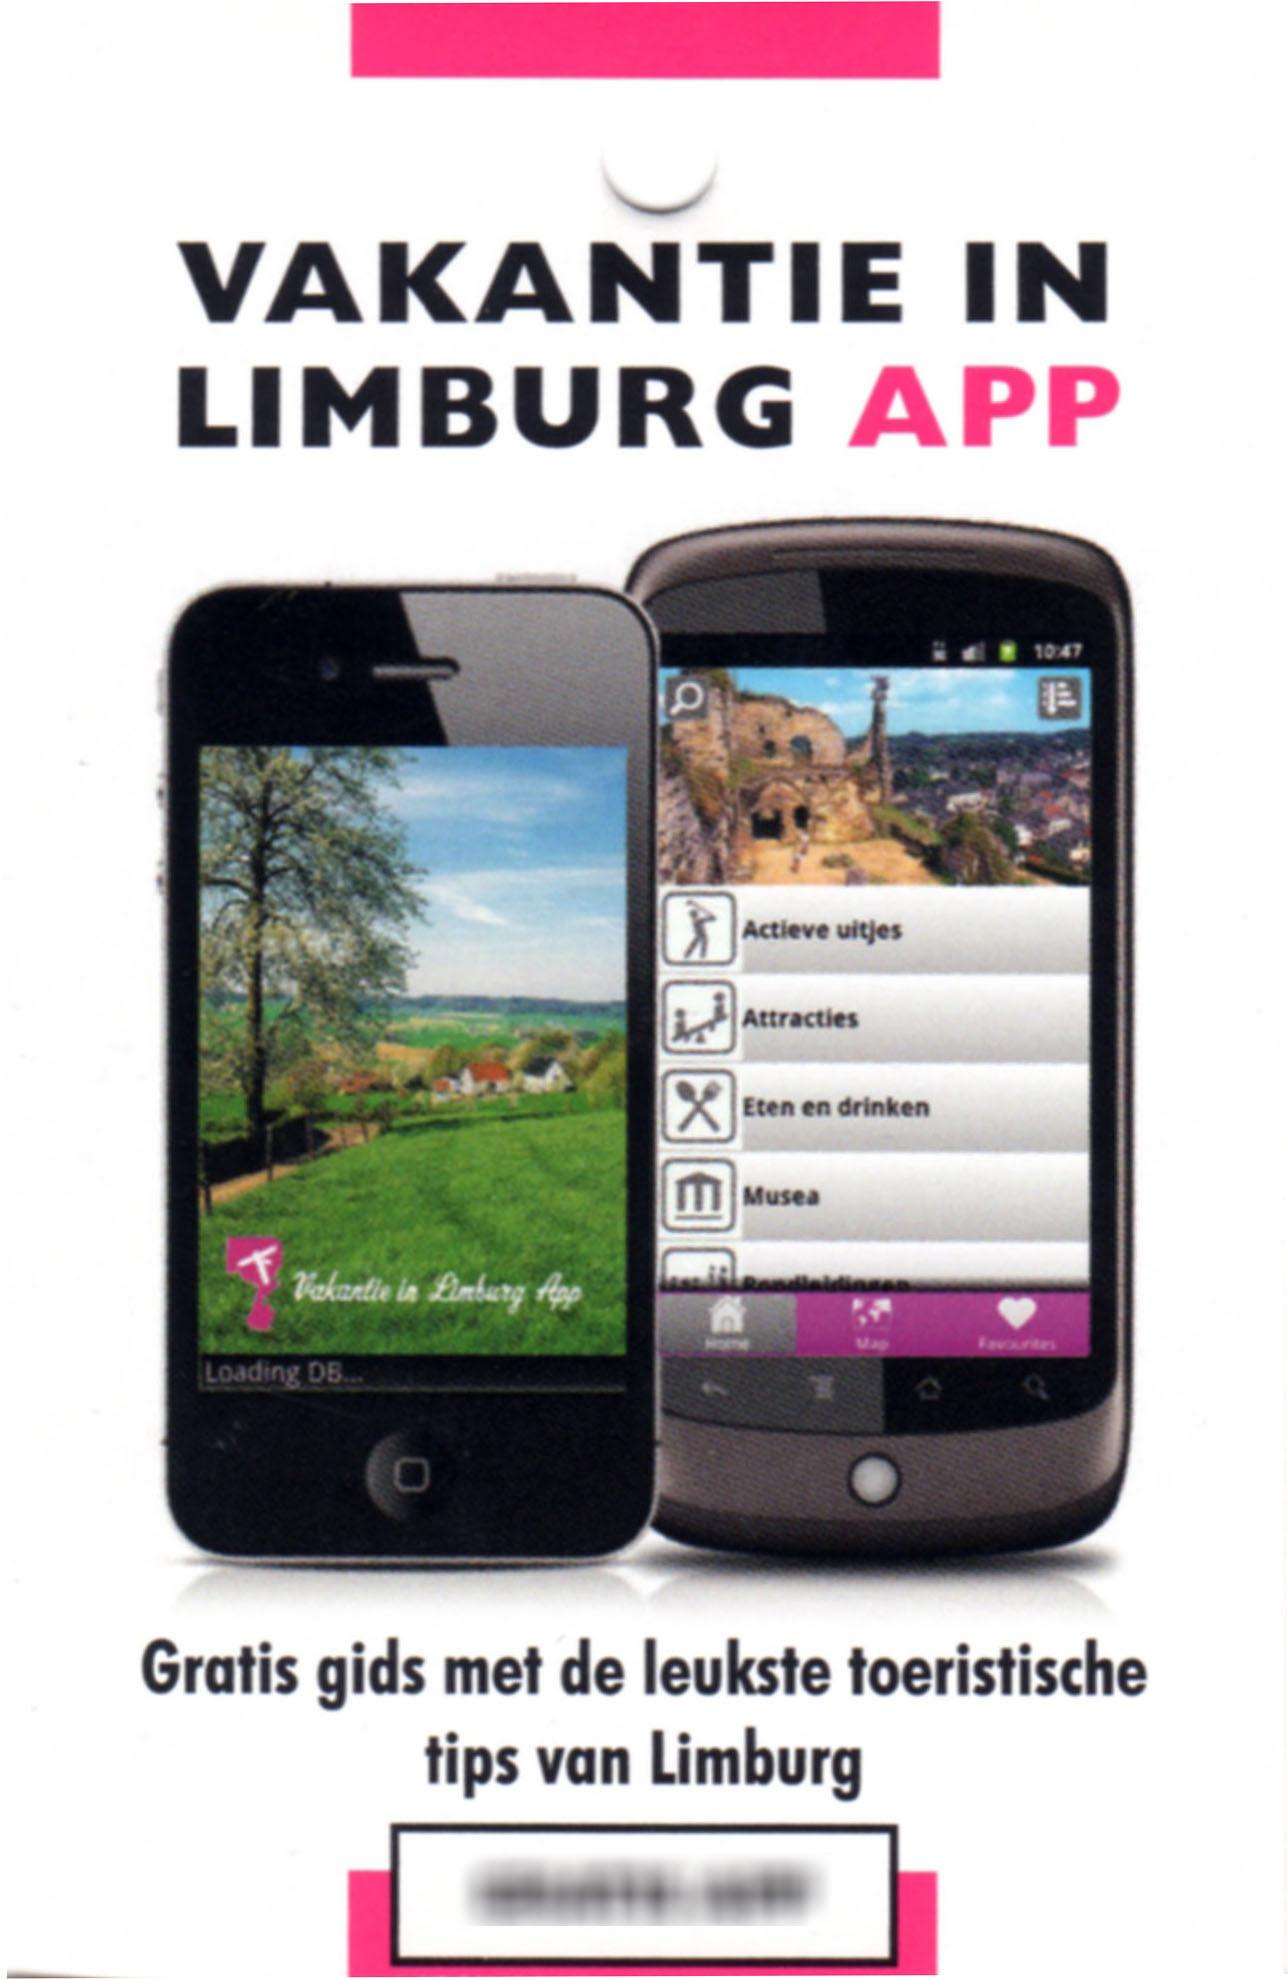 Limburg vakantie app